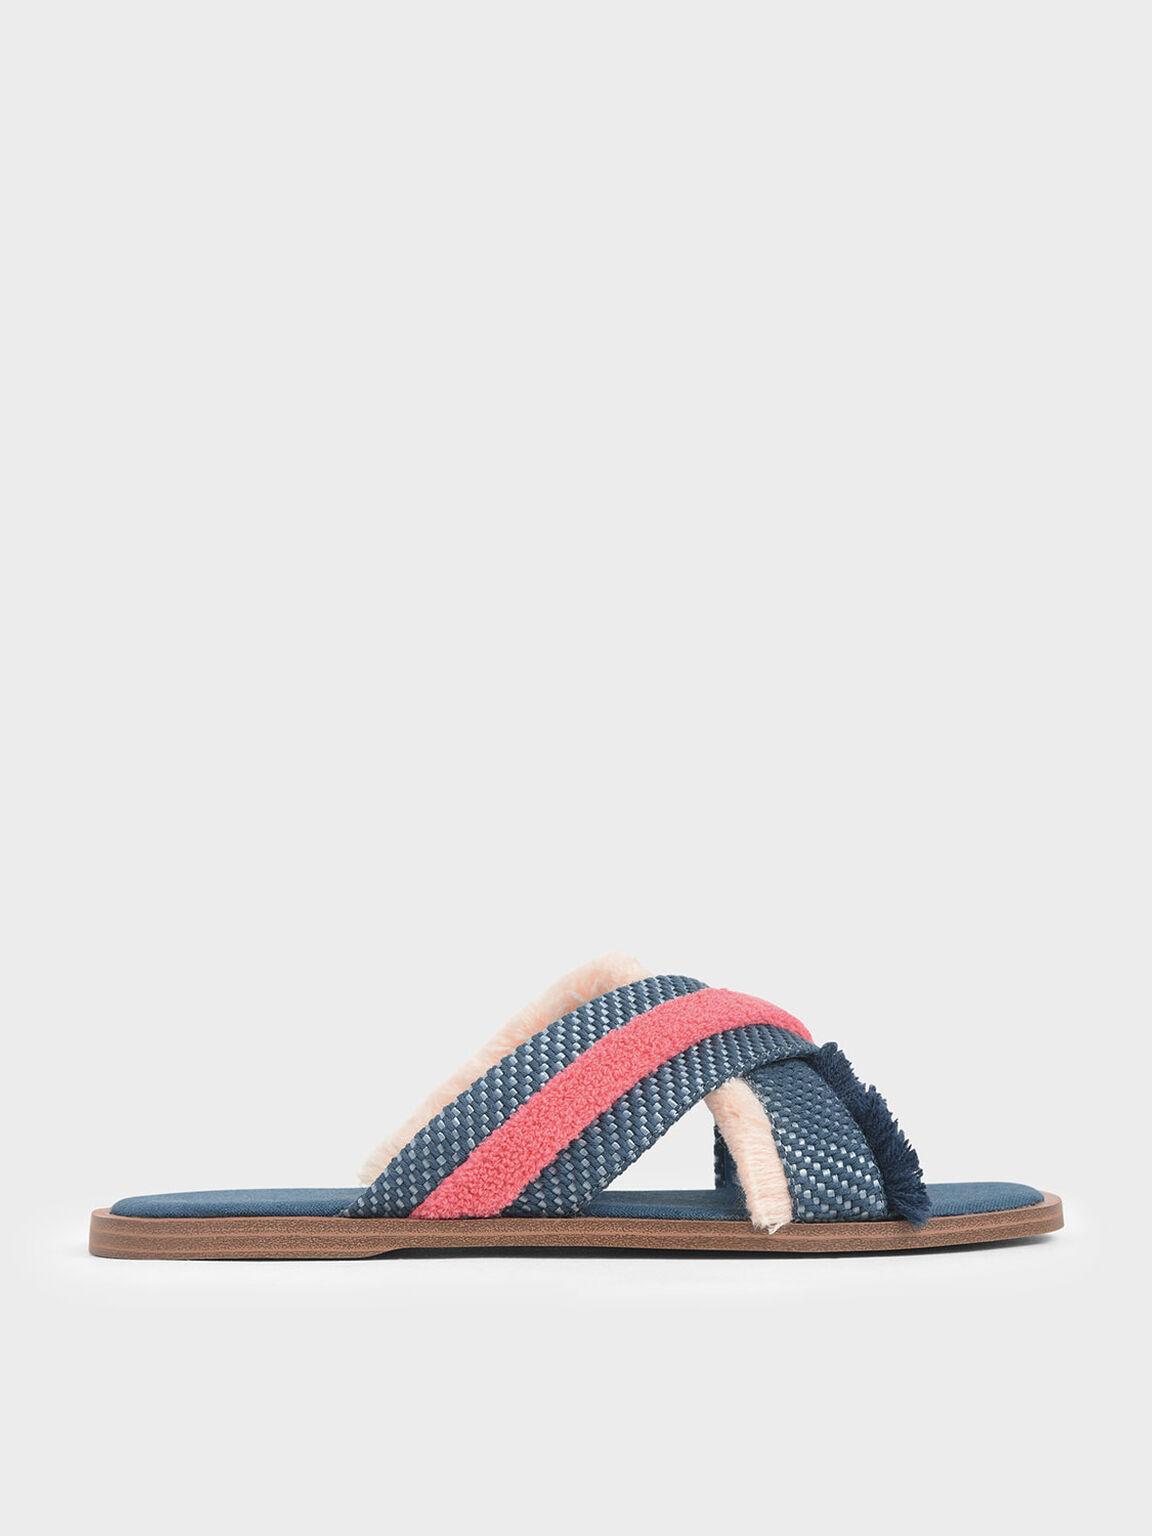 Multicoloured Woven Slide Sandals, Teal, hi-res